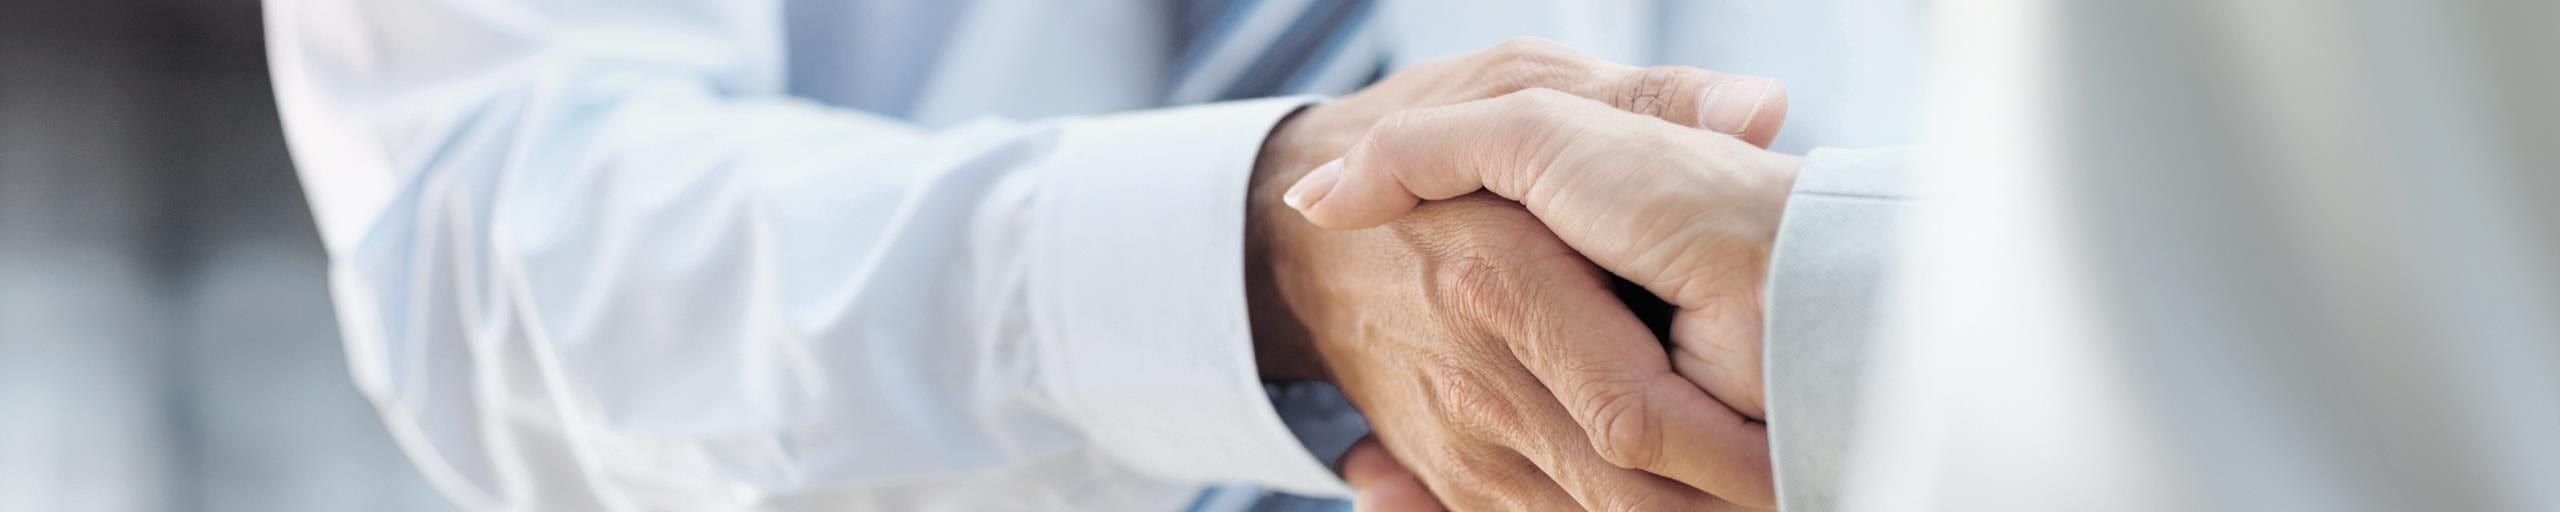 Un homme serre la main d'une femme.